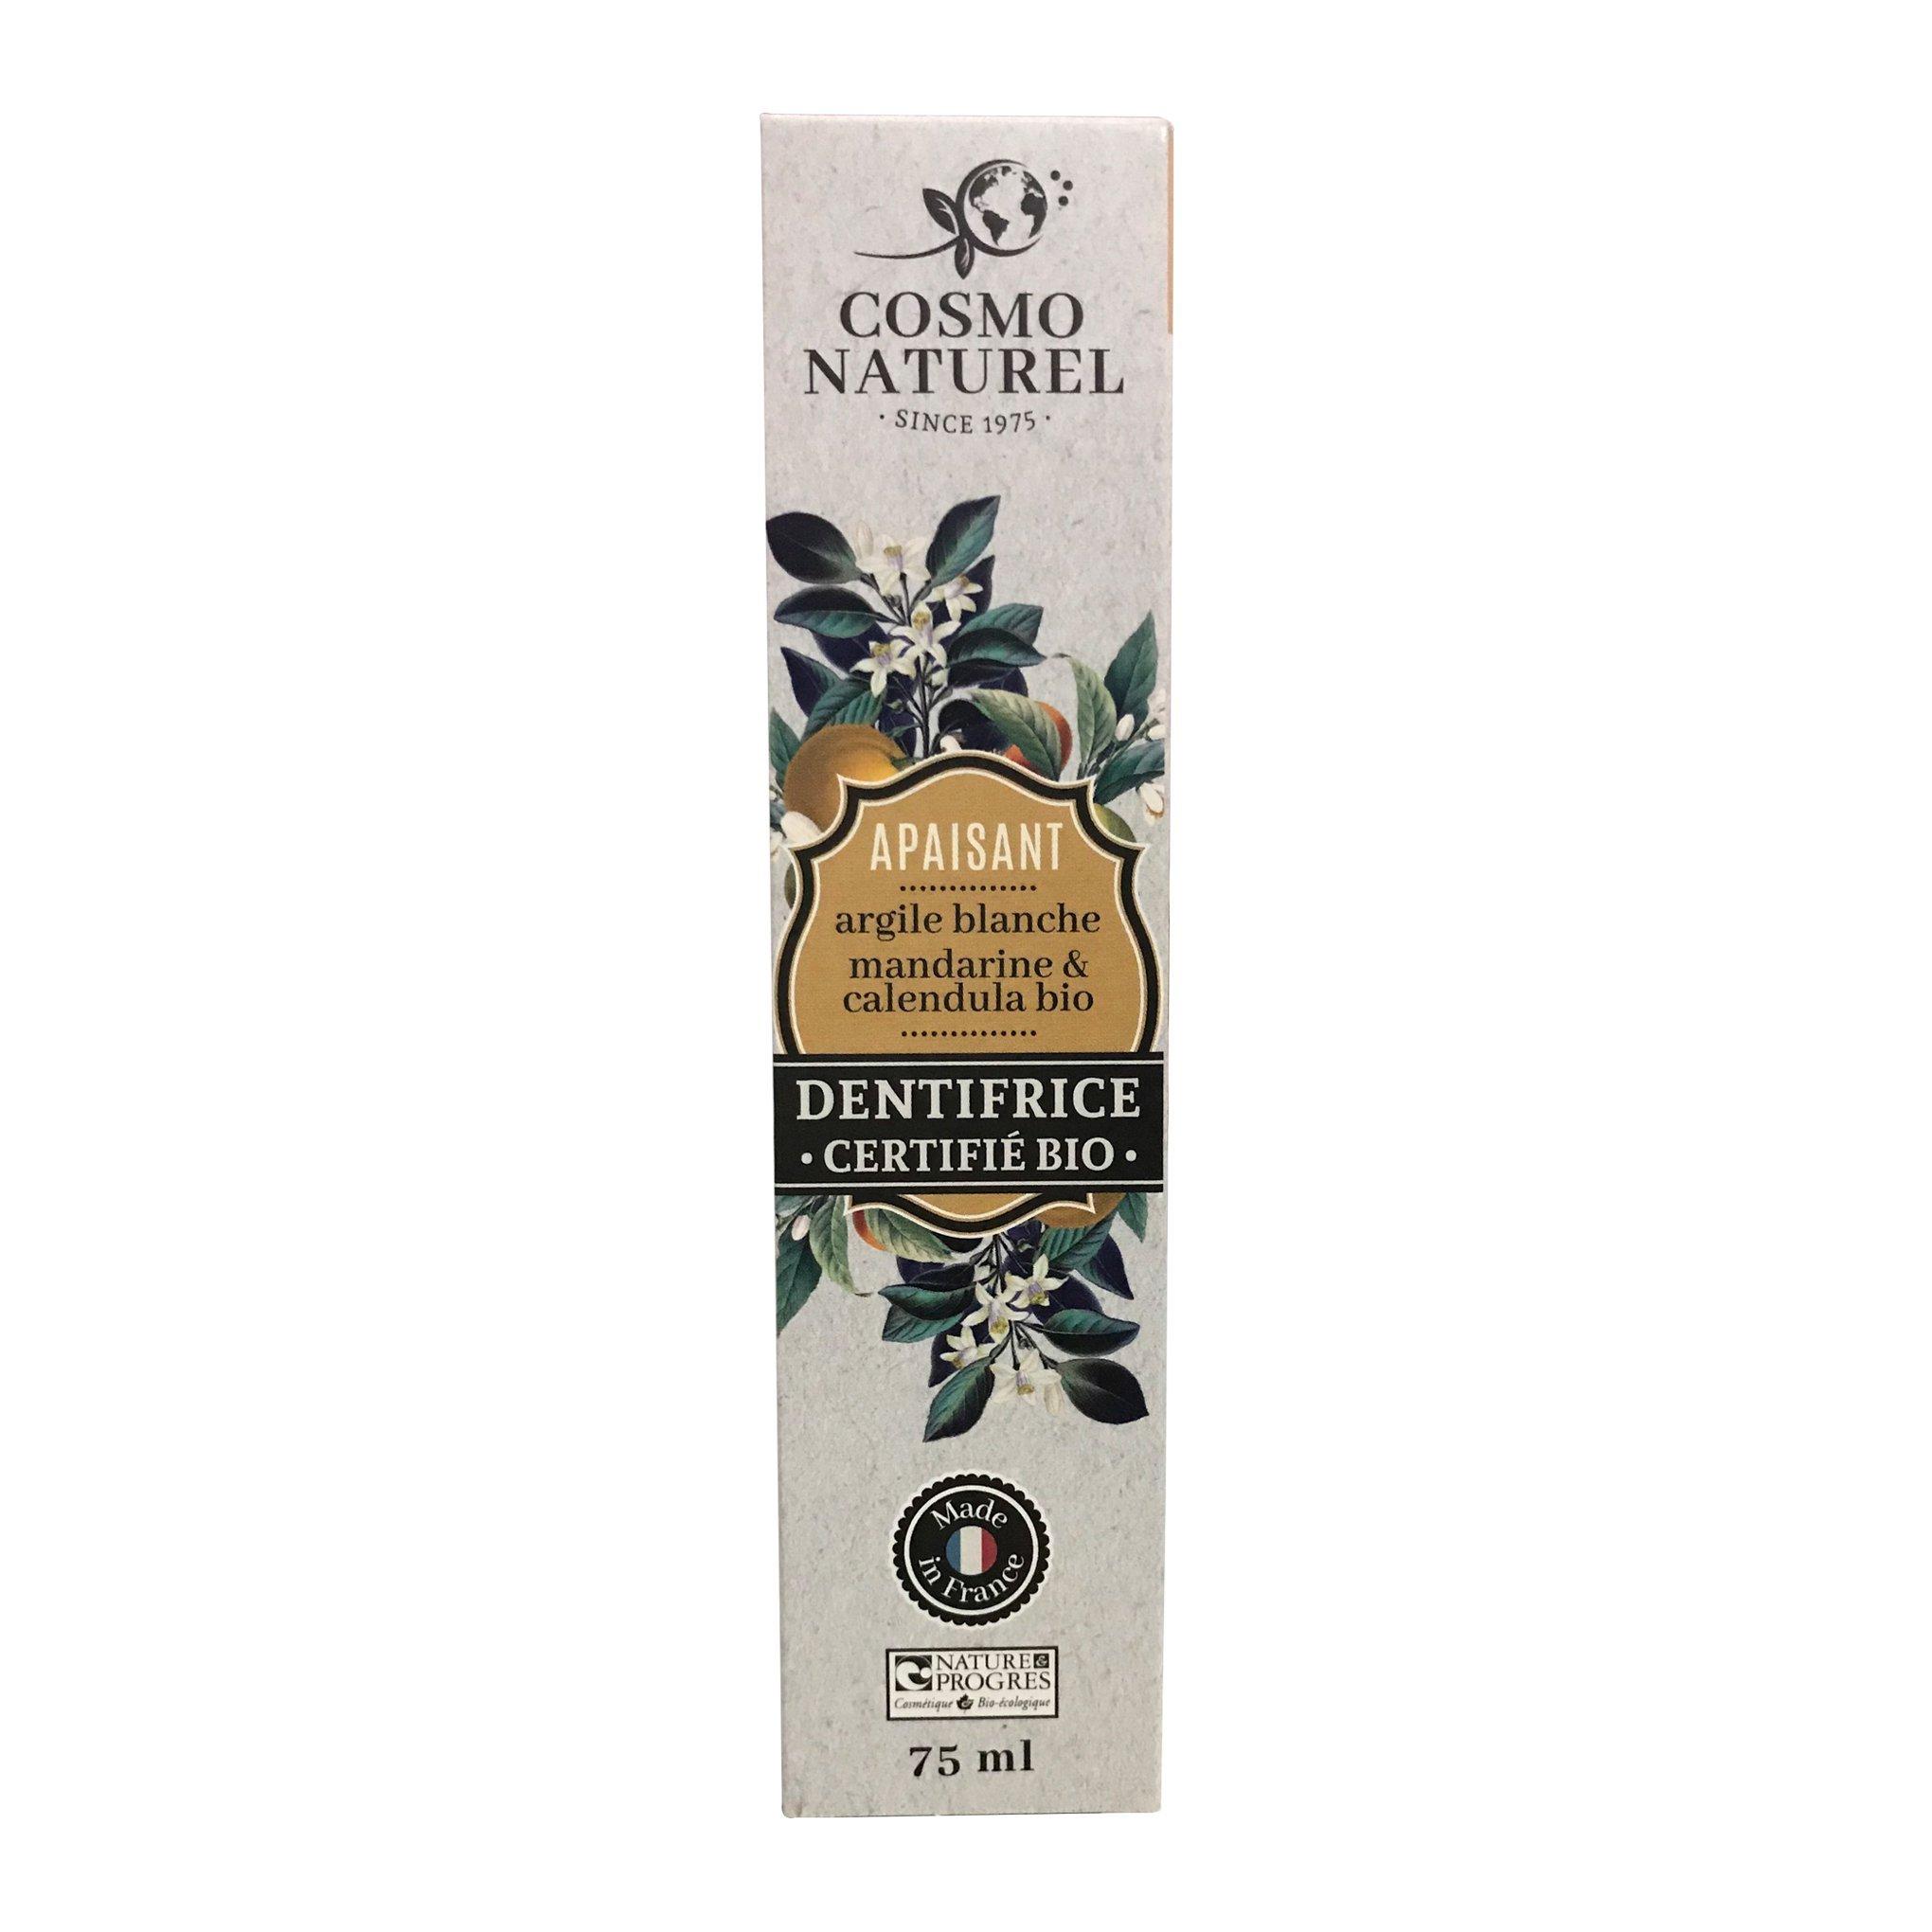 Kem đánh răng hữu cơ Gravier hương quýt